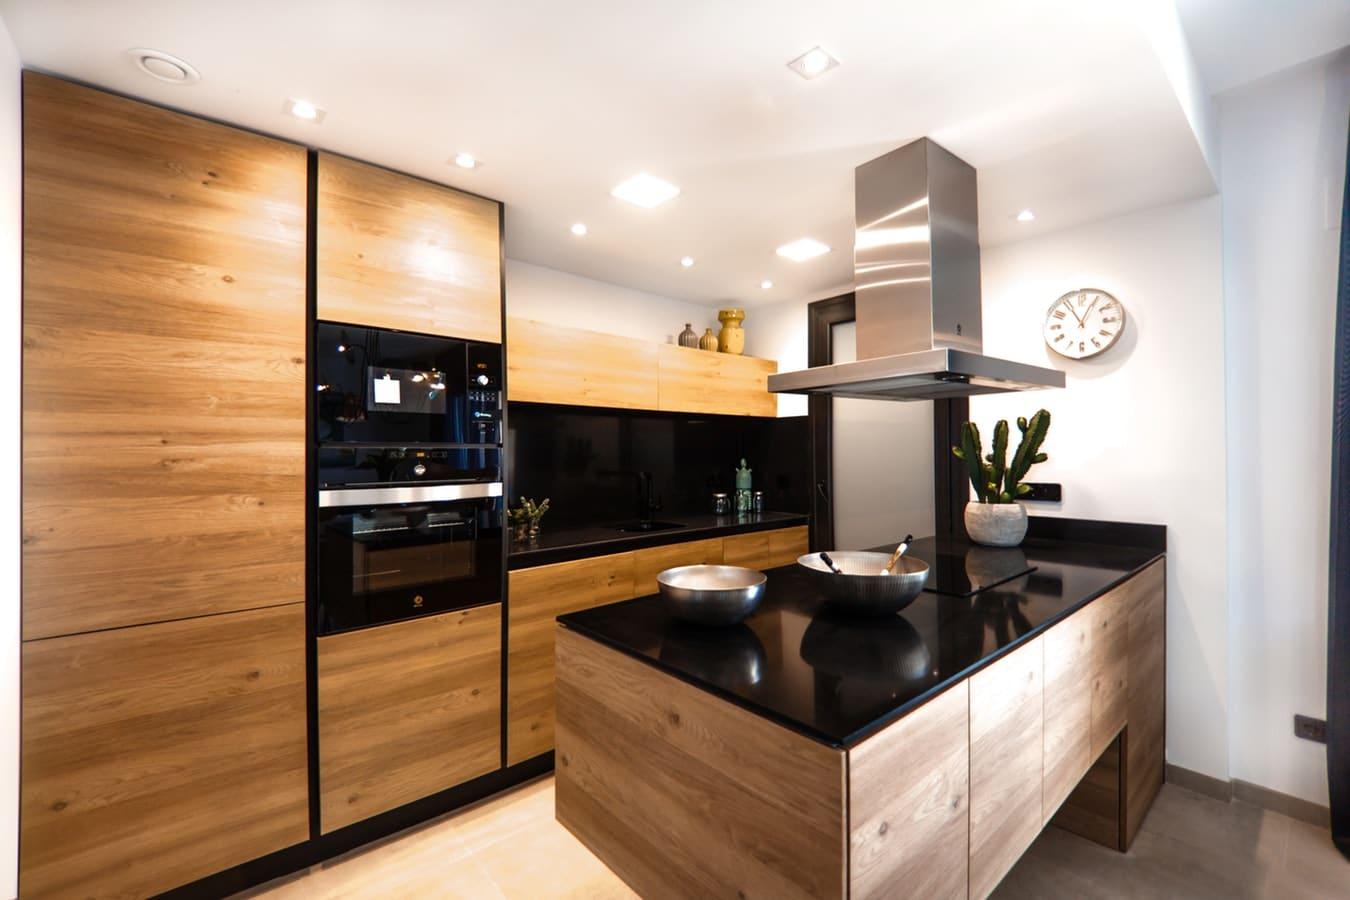 Keuken met oven en magnetron los